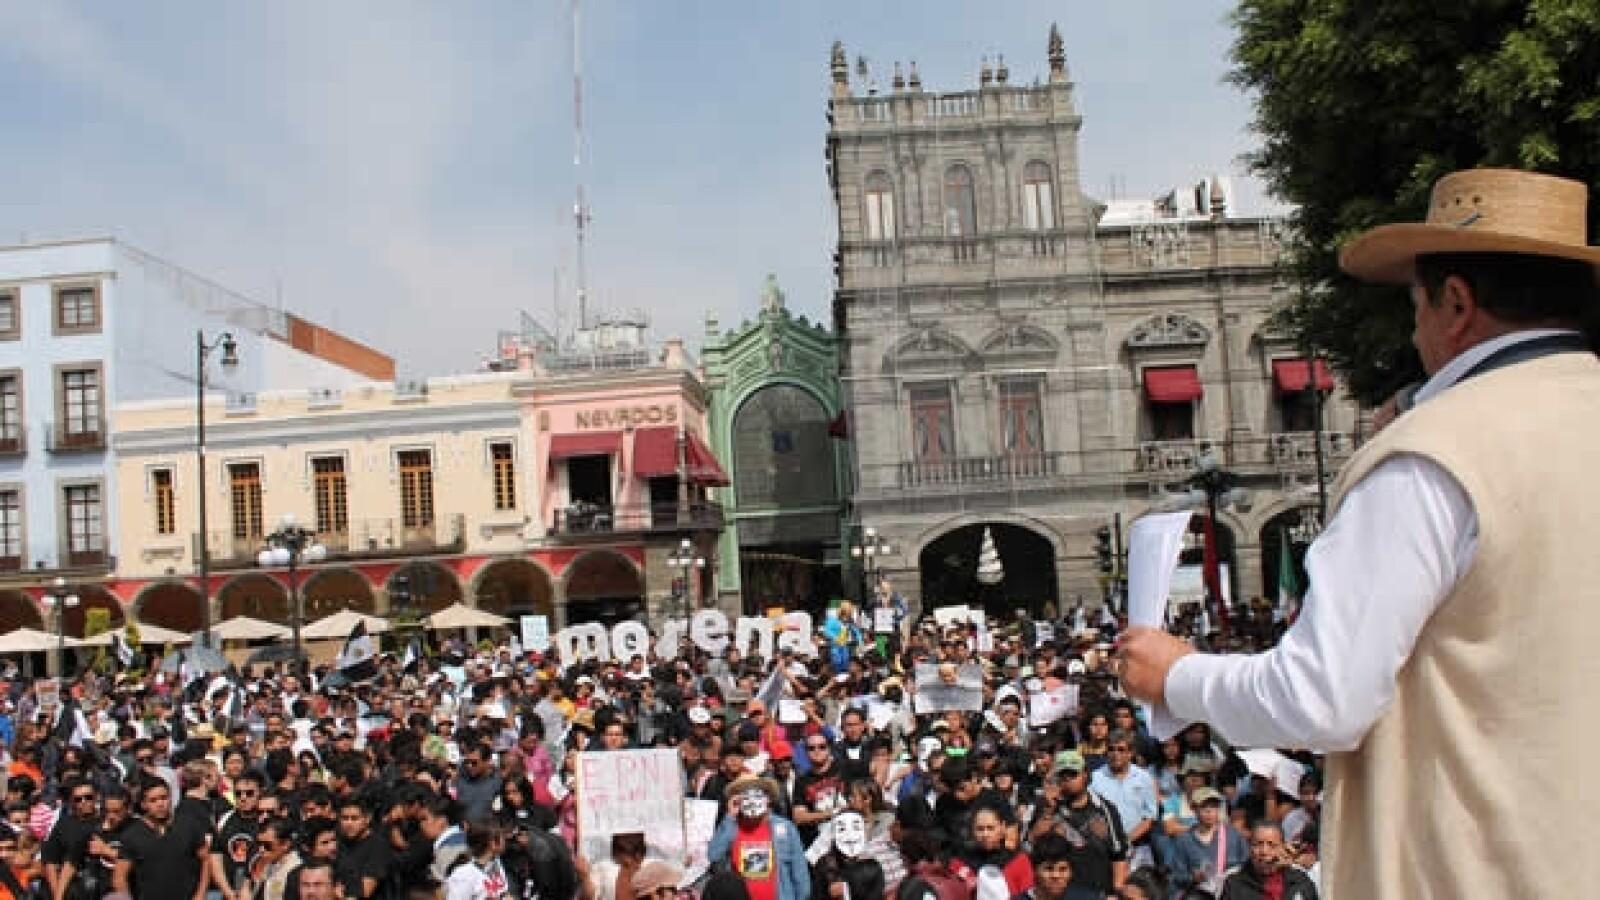 manifestaciones antipeña en puebla